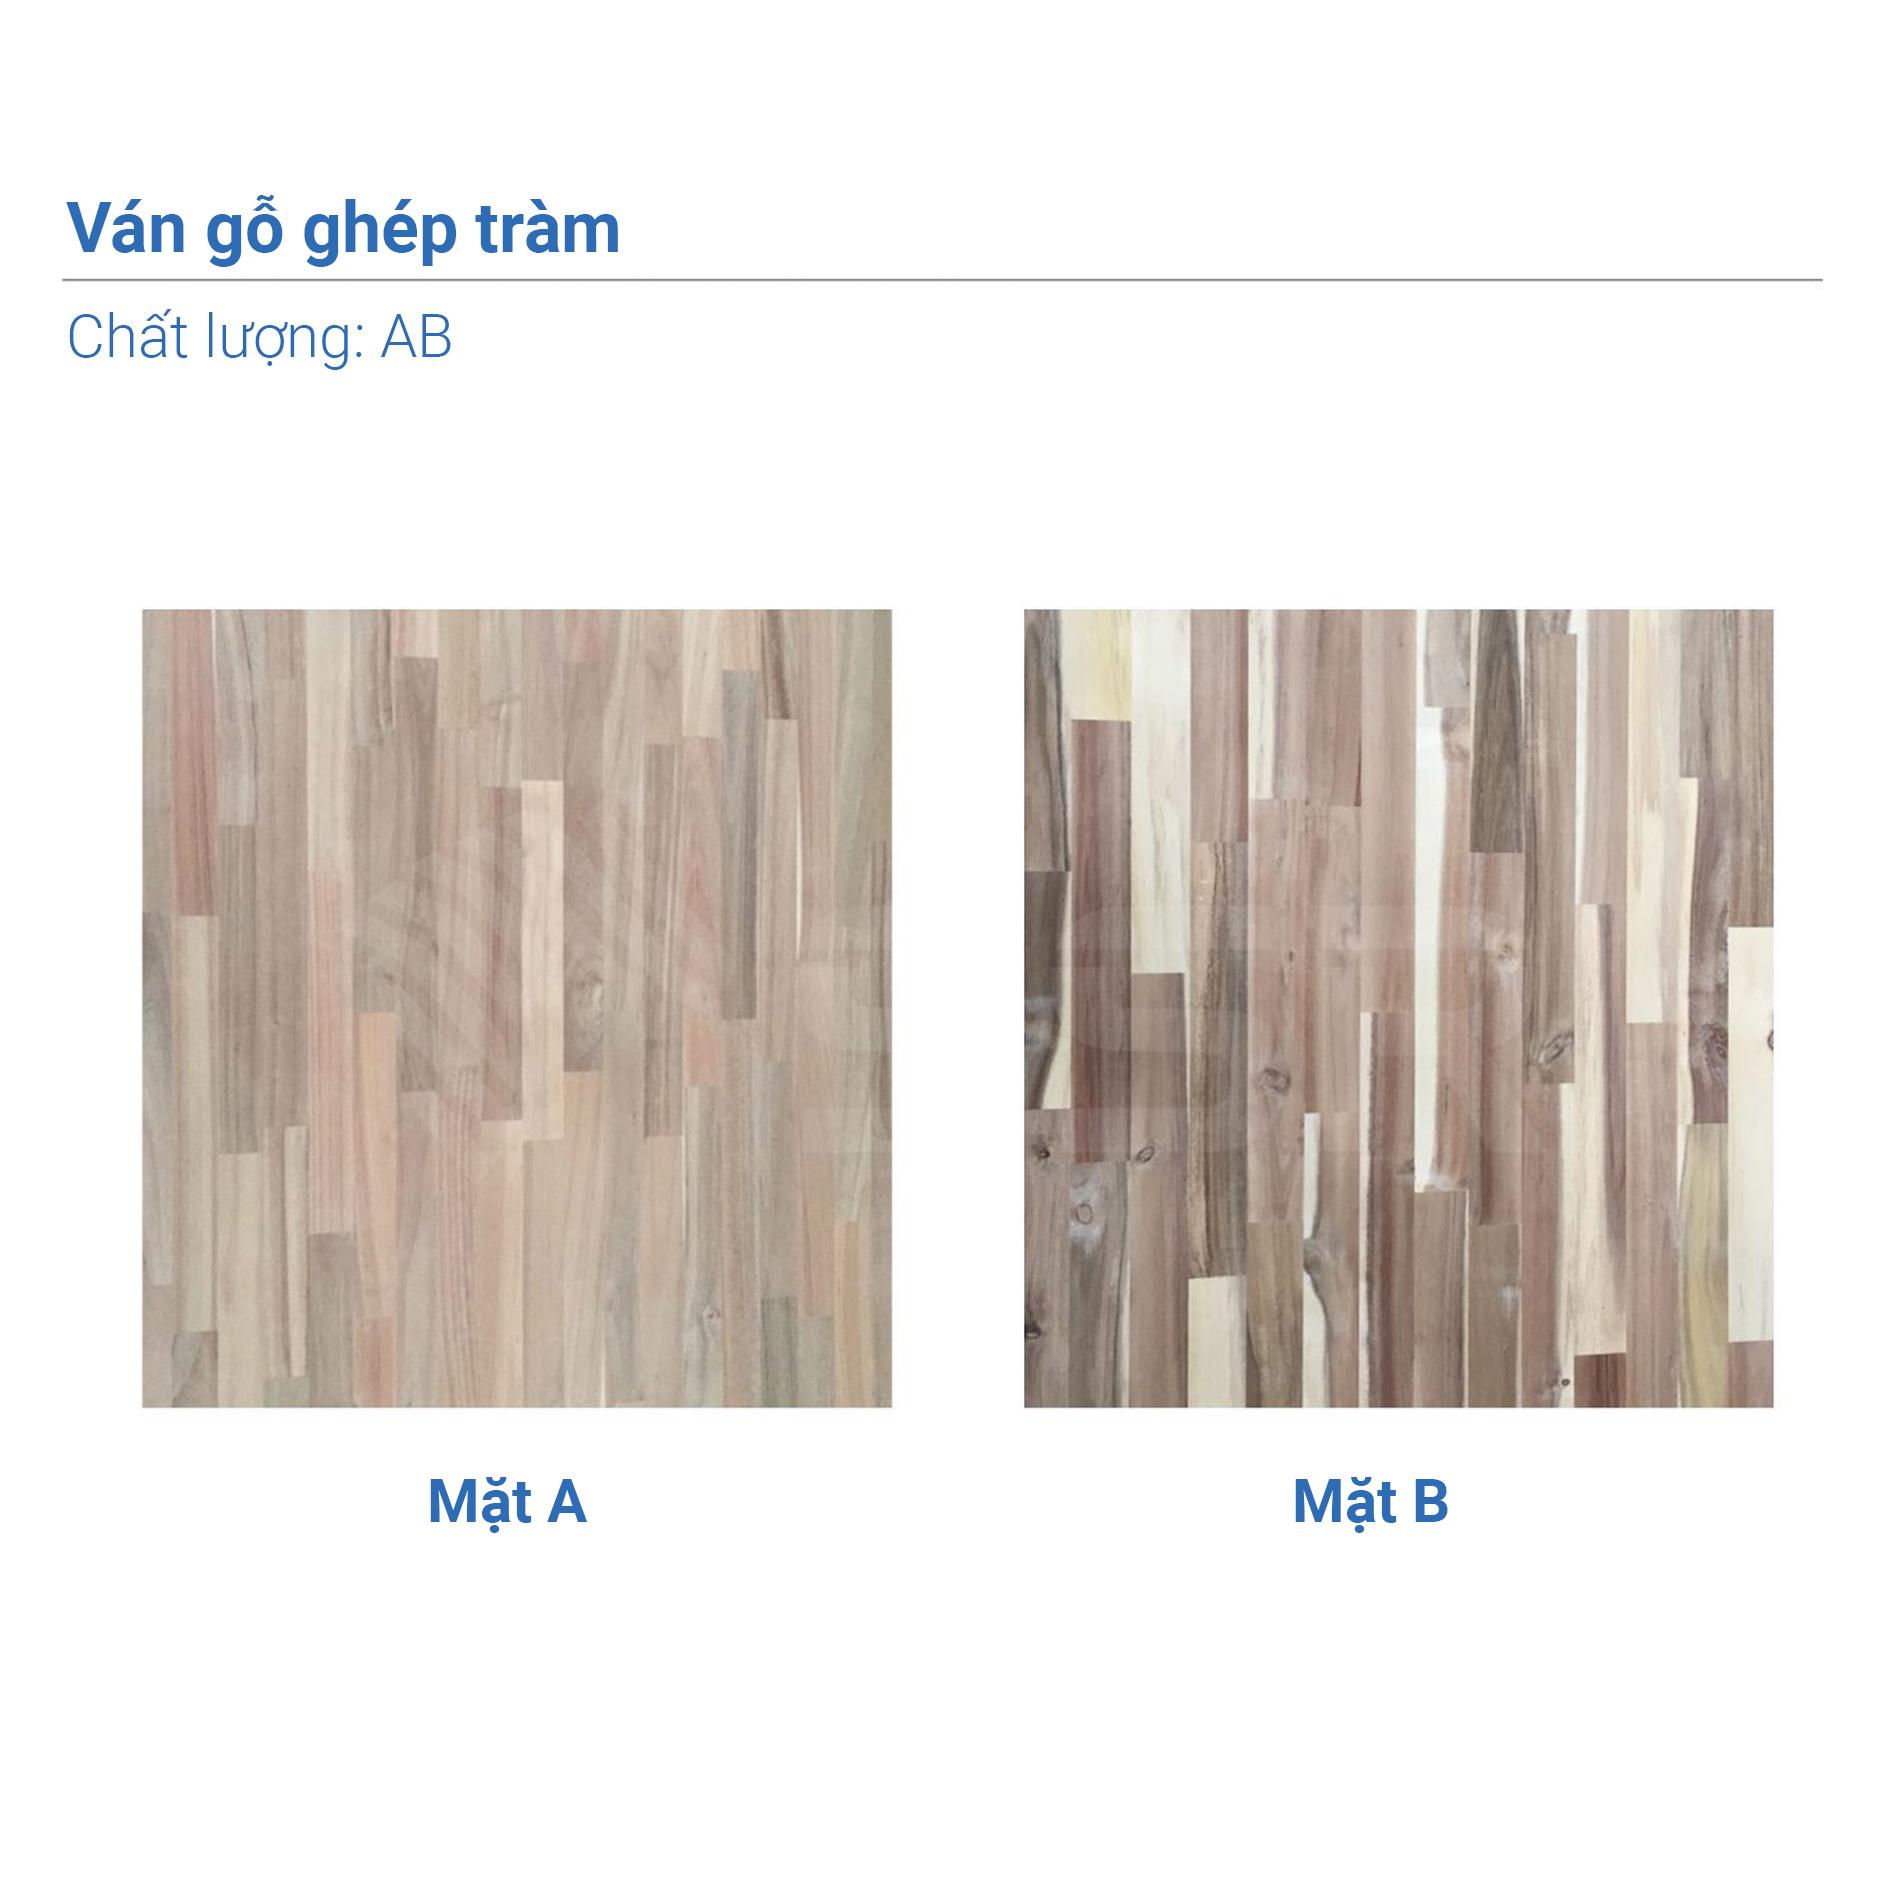 Gỗ tràm Gỗ keo Gỗ ghép thanh Gỗ ghép mộng Gỗ cứng Tấm gỗ Ván gỗ Ghép finger Joint Công nghiệp gỗ Toàn cầu Thương mại Buôn bán Nhà cung cấp sản phẩm gỗ quốc tế Bán sỉ Chứng nhận FSC Kinh doanh quốc tế Nhập khẩu Xuất khẩu